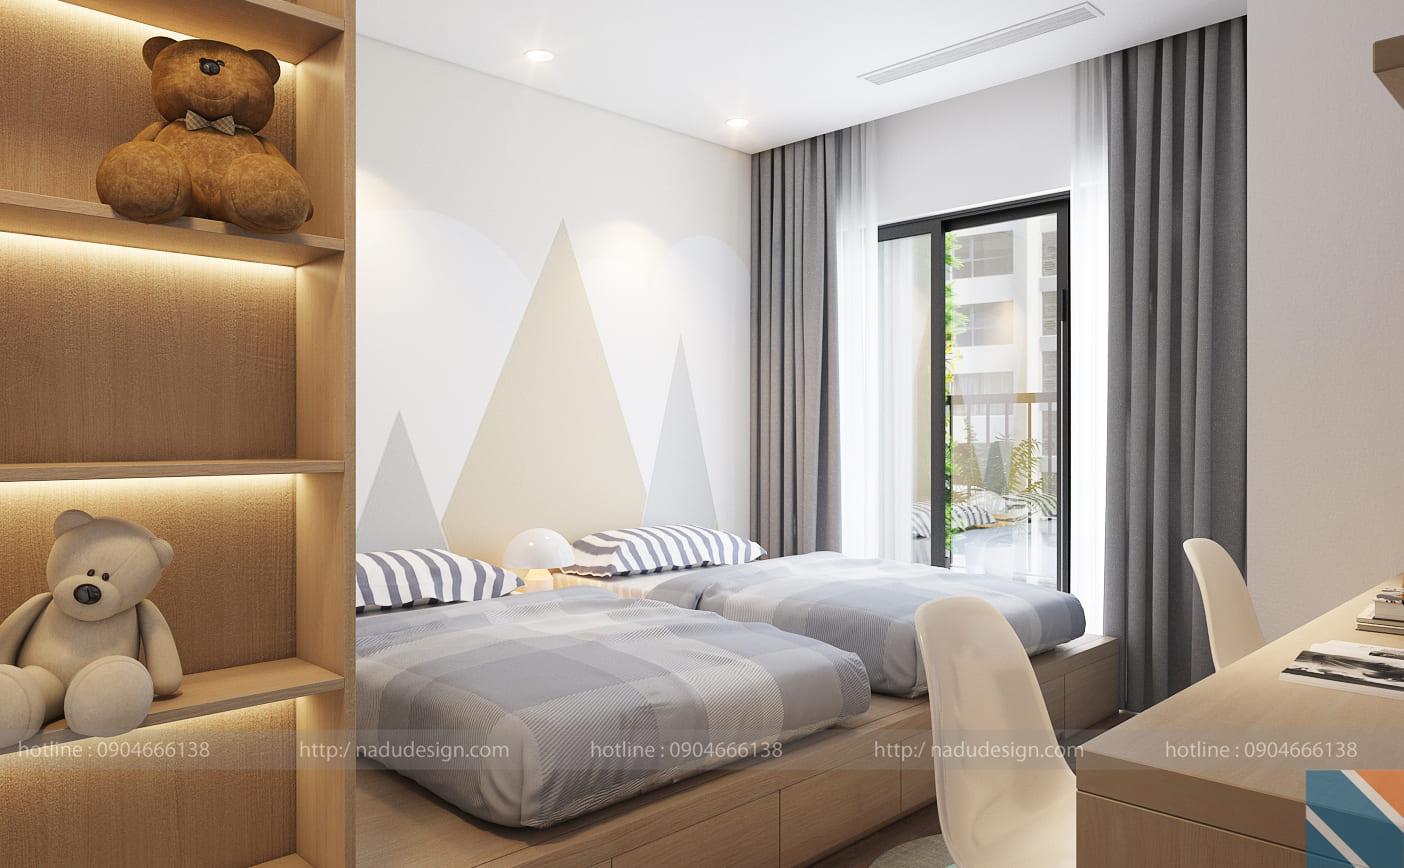 Mẫu thiết kế nội thất phòng ngủ 2 giường hiện đại